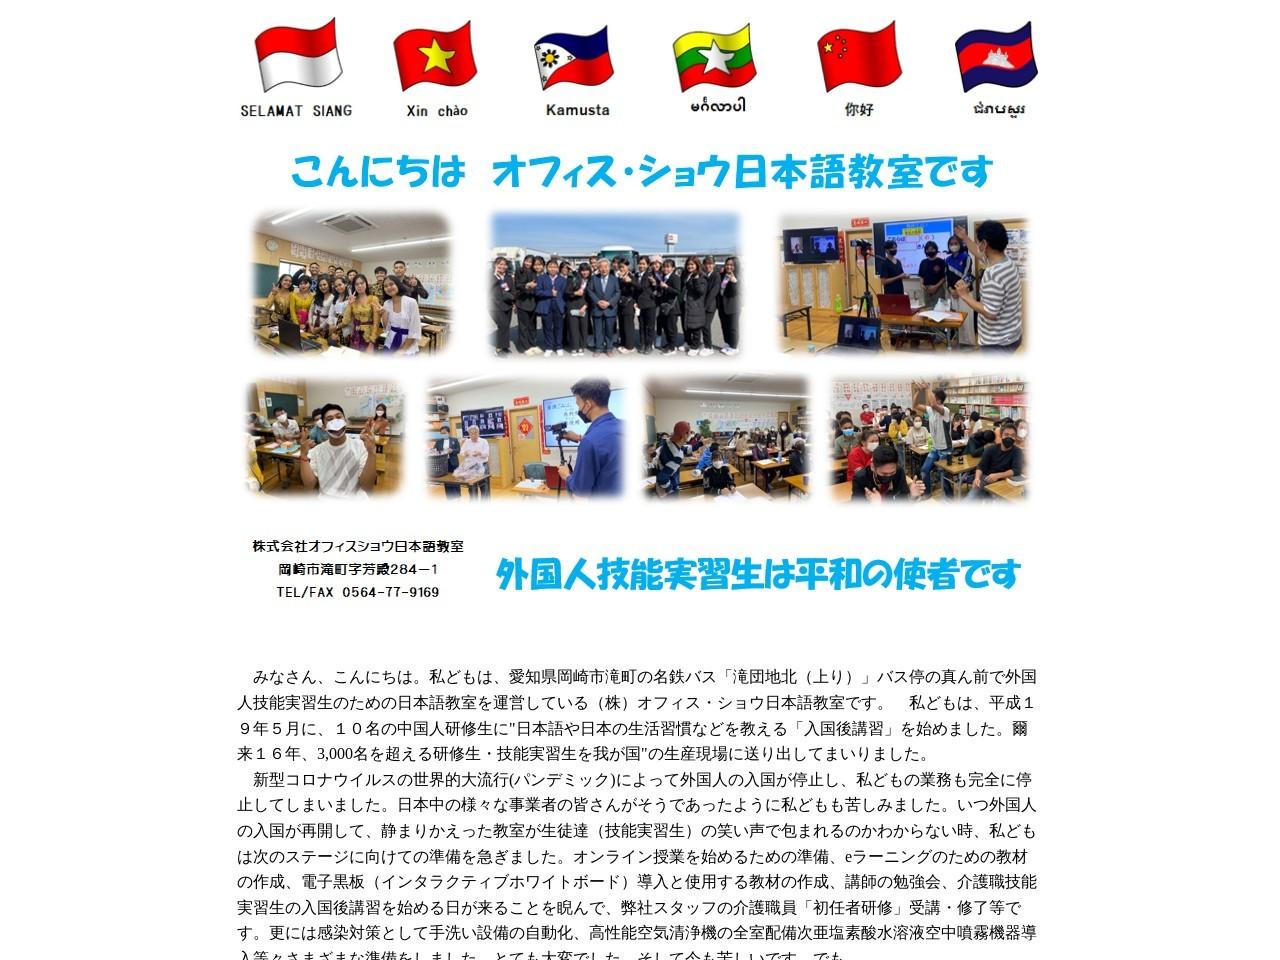 オフィス・ショウ中国語・日本語教室